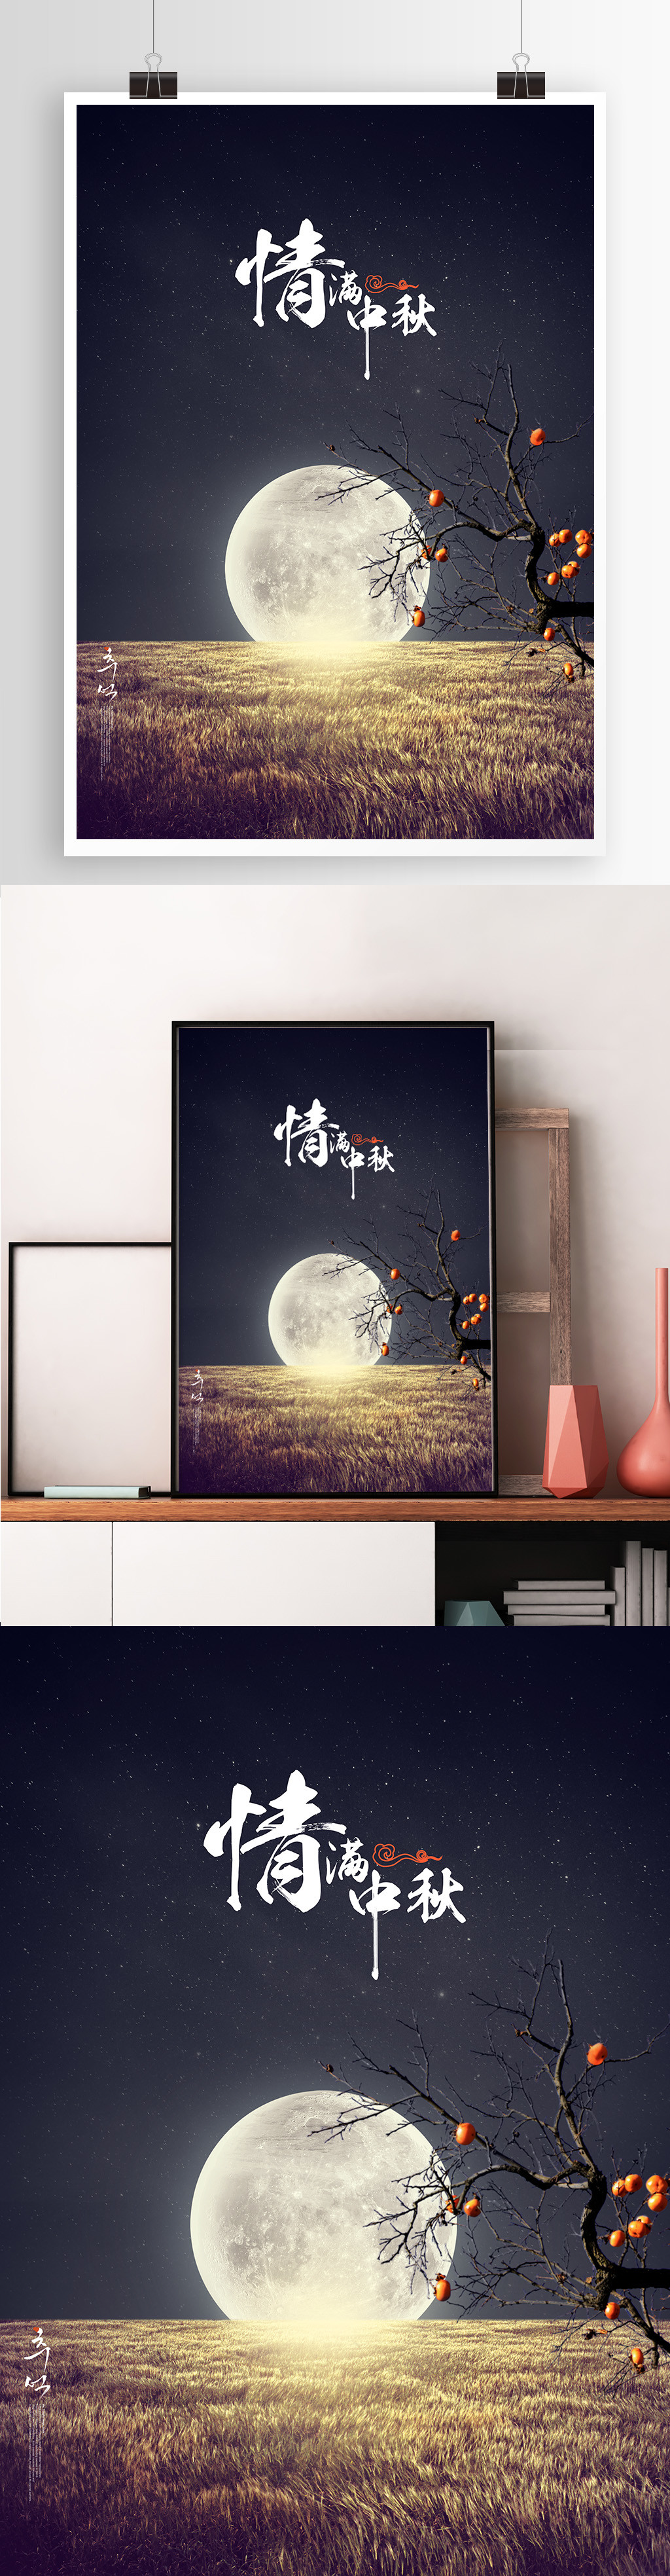 情满中秋月亮麦田石榴八月十五海报psd